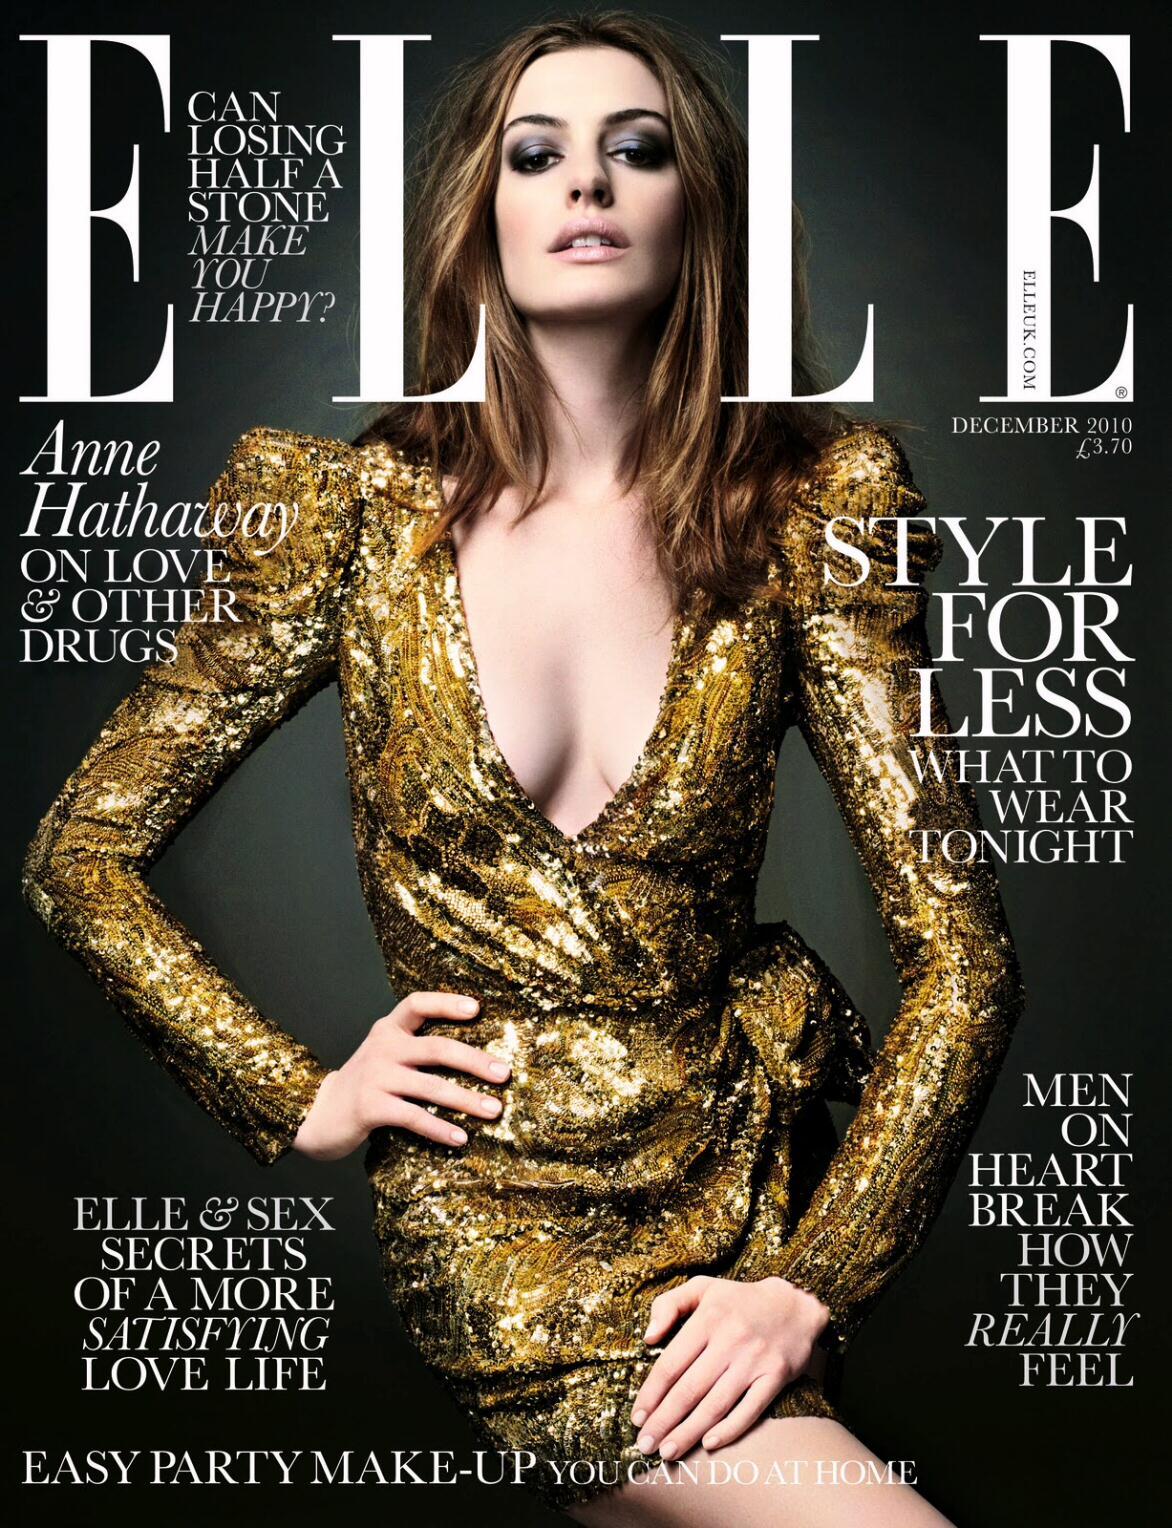 Anne Hathaway for Elle UK December 2010